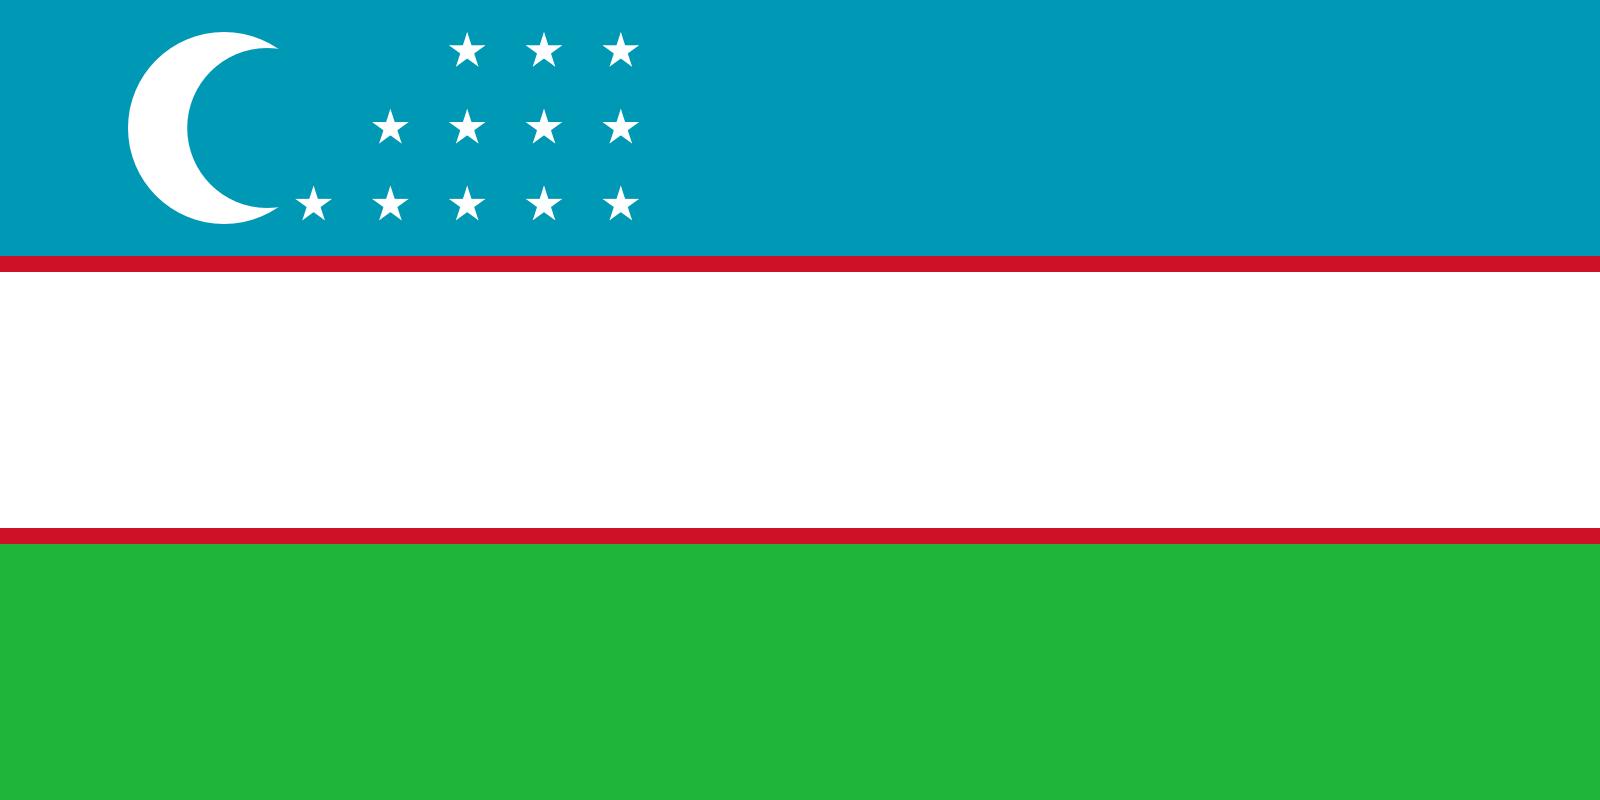 Başkortostan Cumhuriyeti bayrağı ve kıyafeti